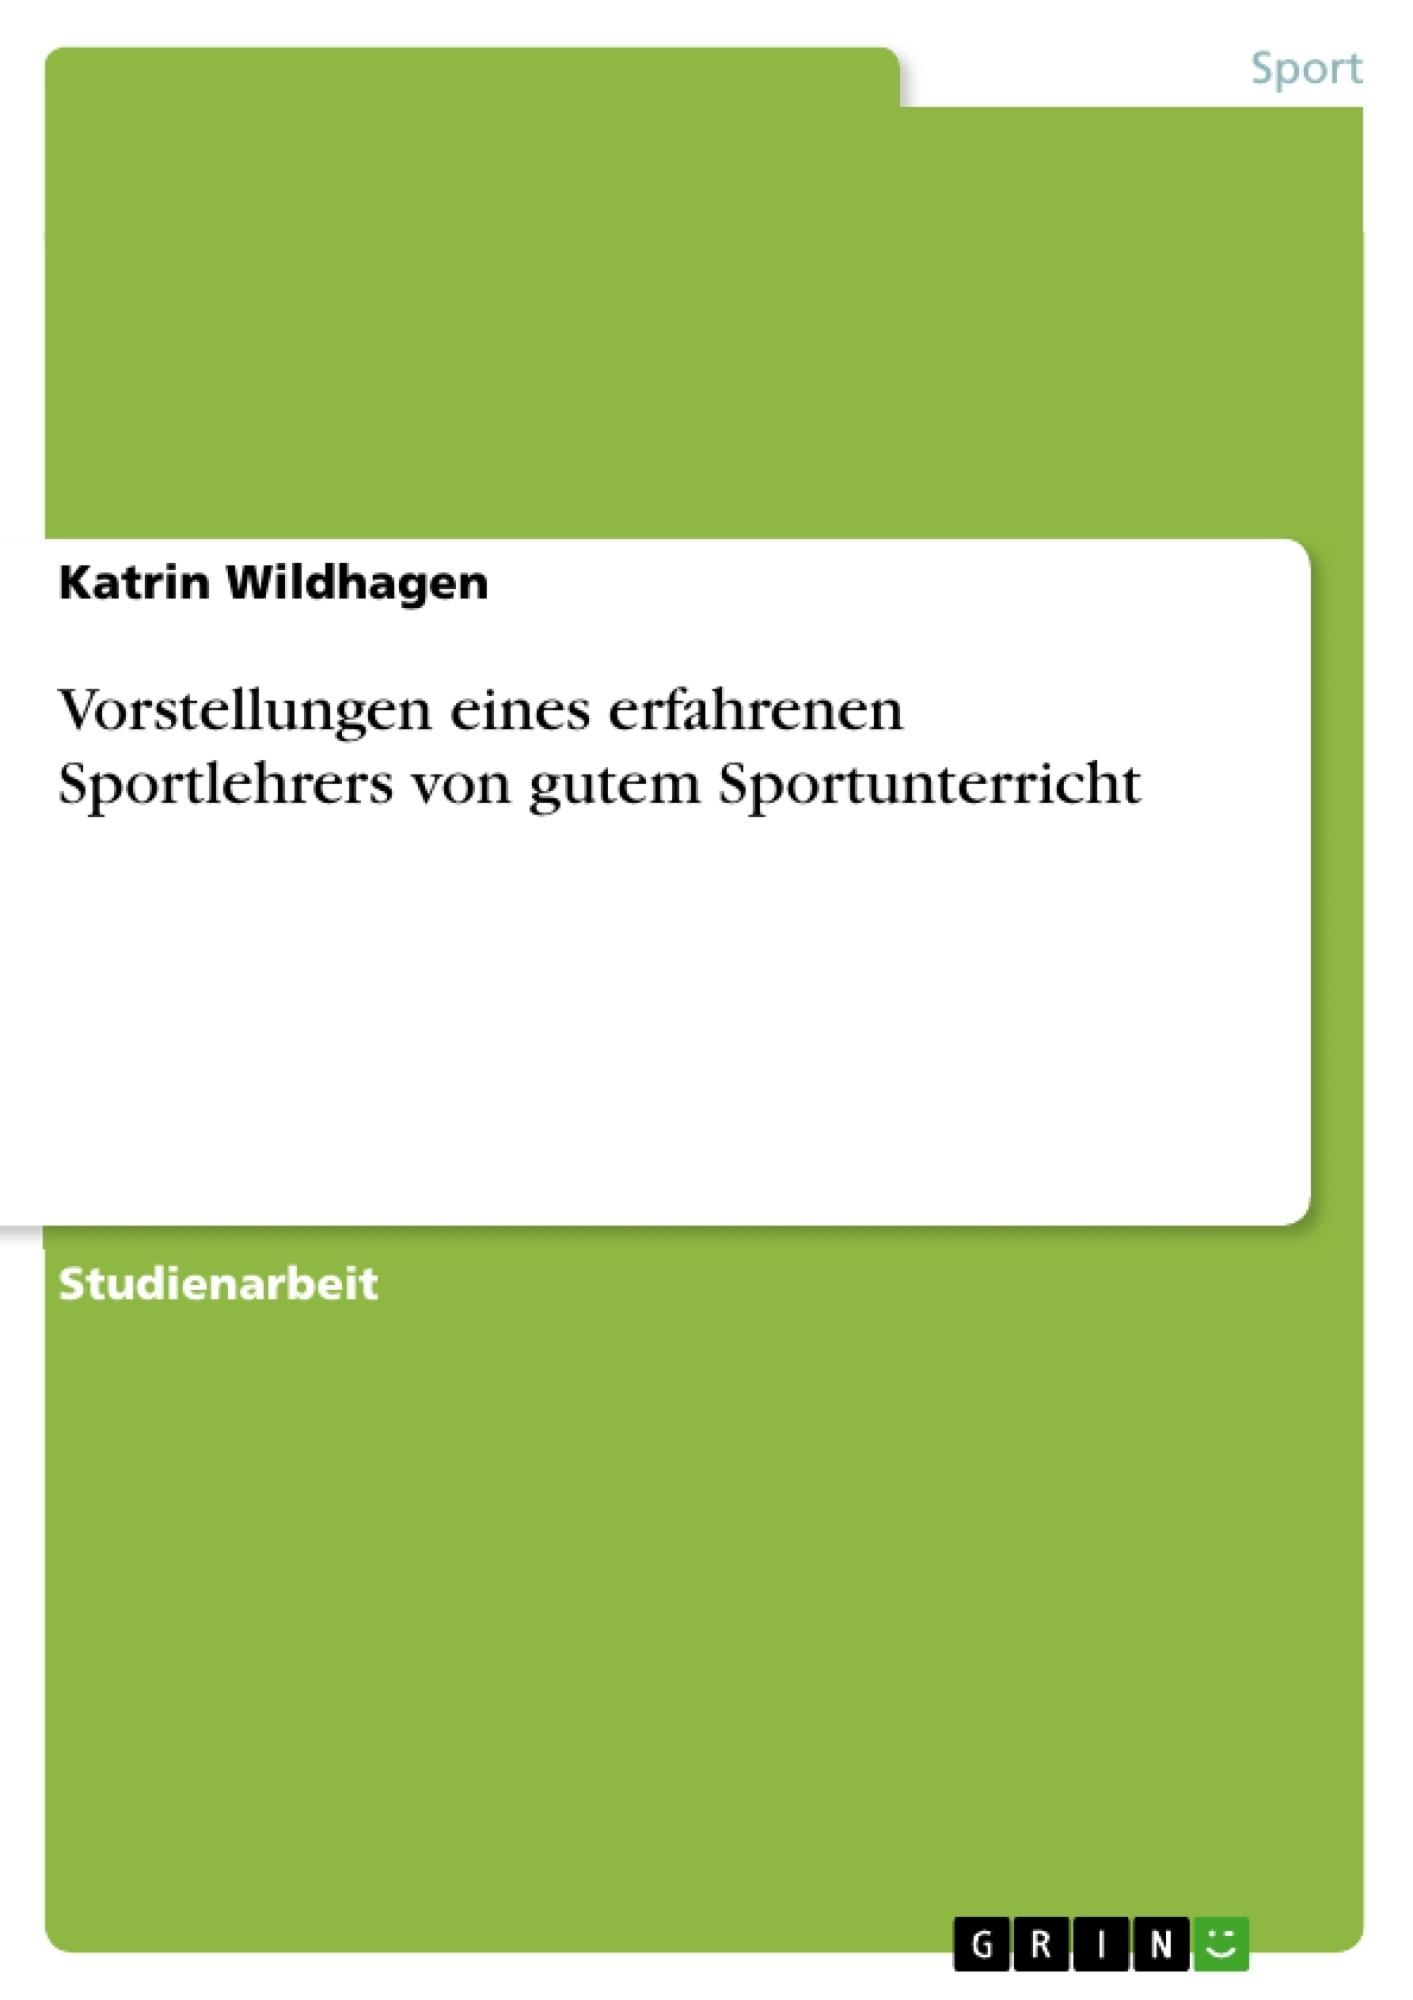 Titel: Vorstellungen eines erfahrenen Sportlehrers von gutem Sportunterricht